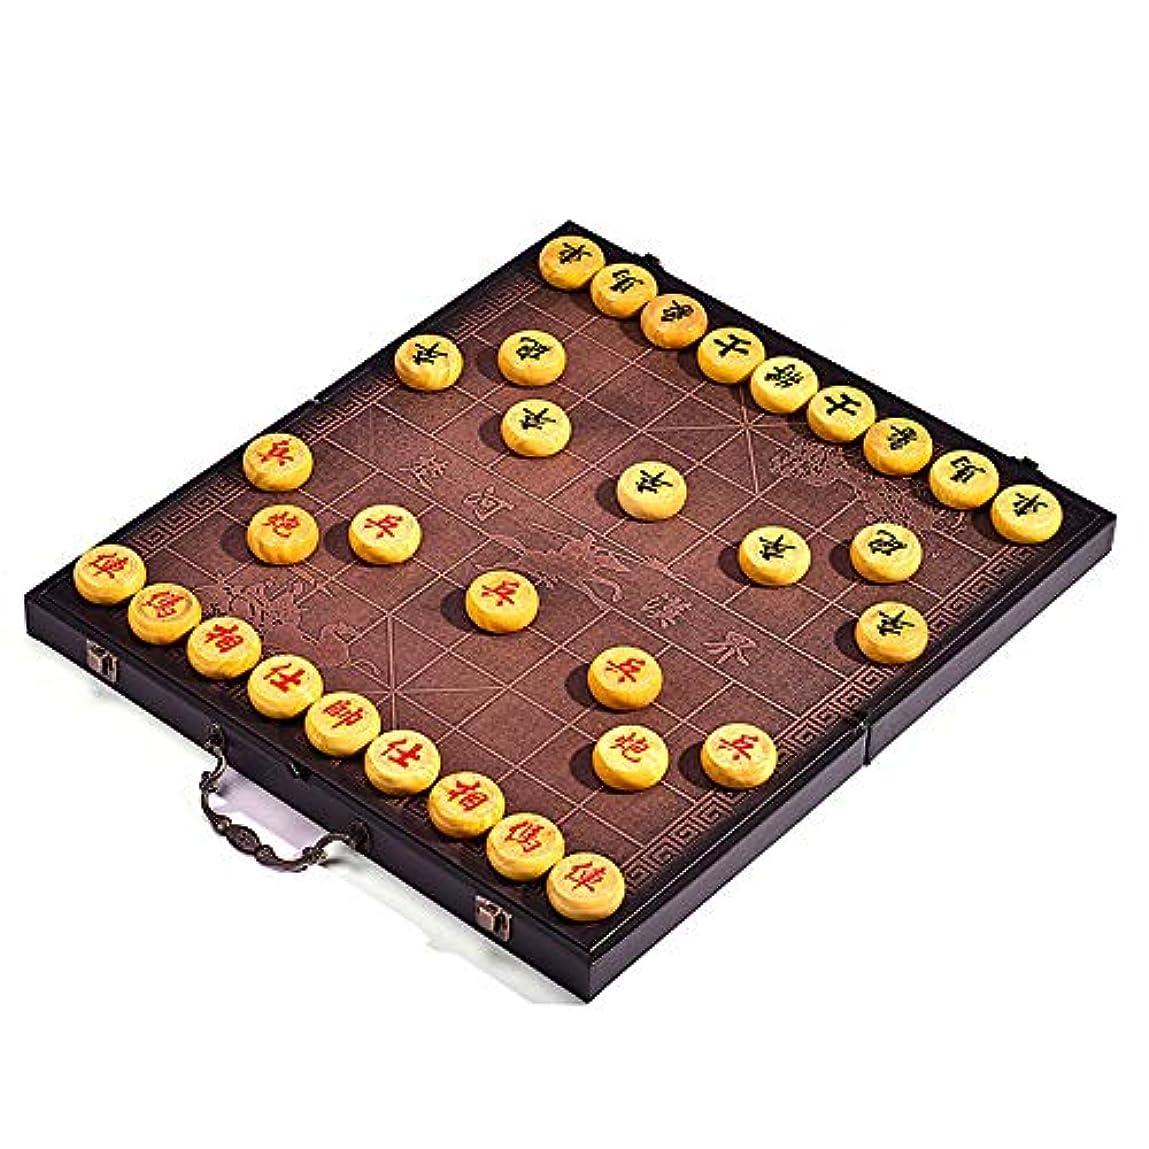 透過性発言する病んでいる中国のチェスゲーム 木製細工作品と中国のチェスセット折りたたみ木製標準チェスのゲームボードセット 中国のチェスは (色 : As picture, Size : Piece diameter 4.8cm)